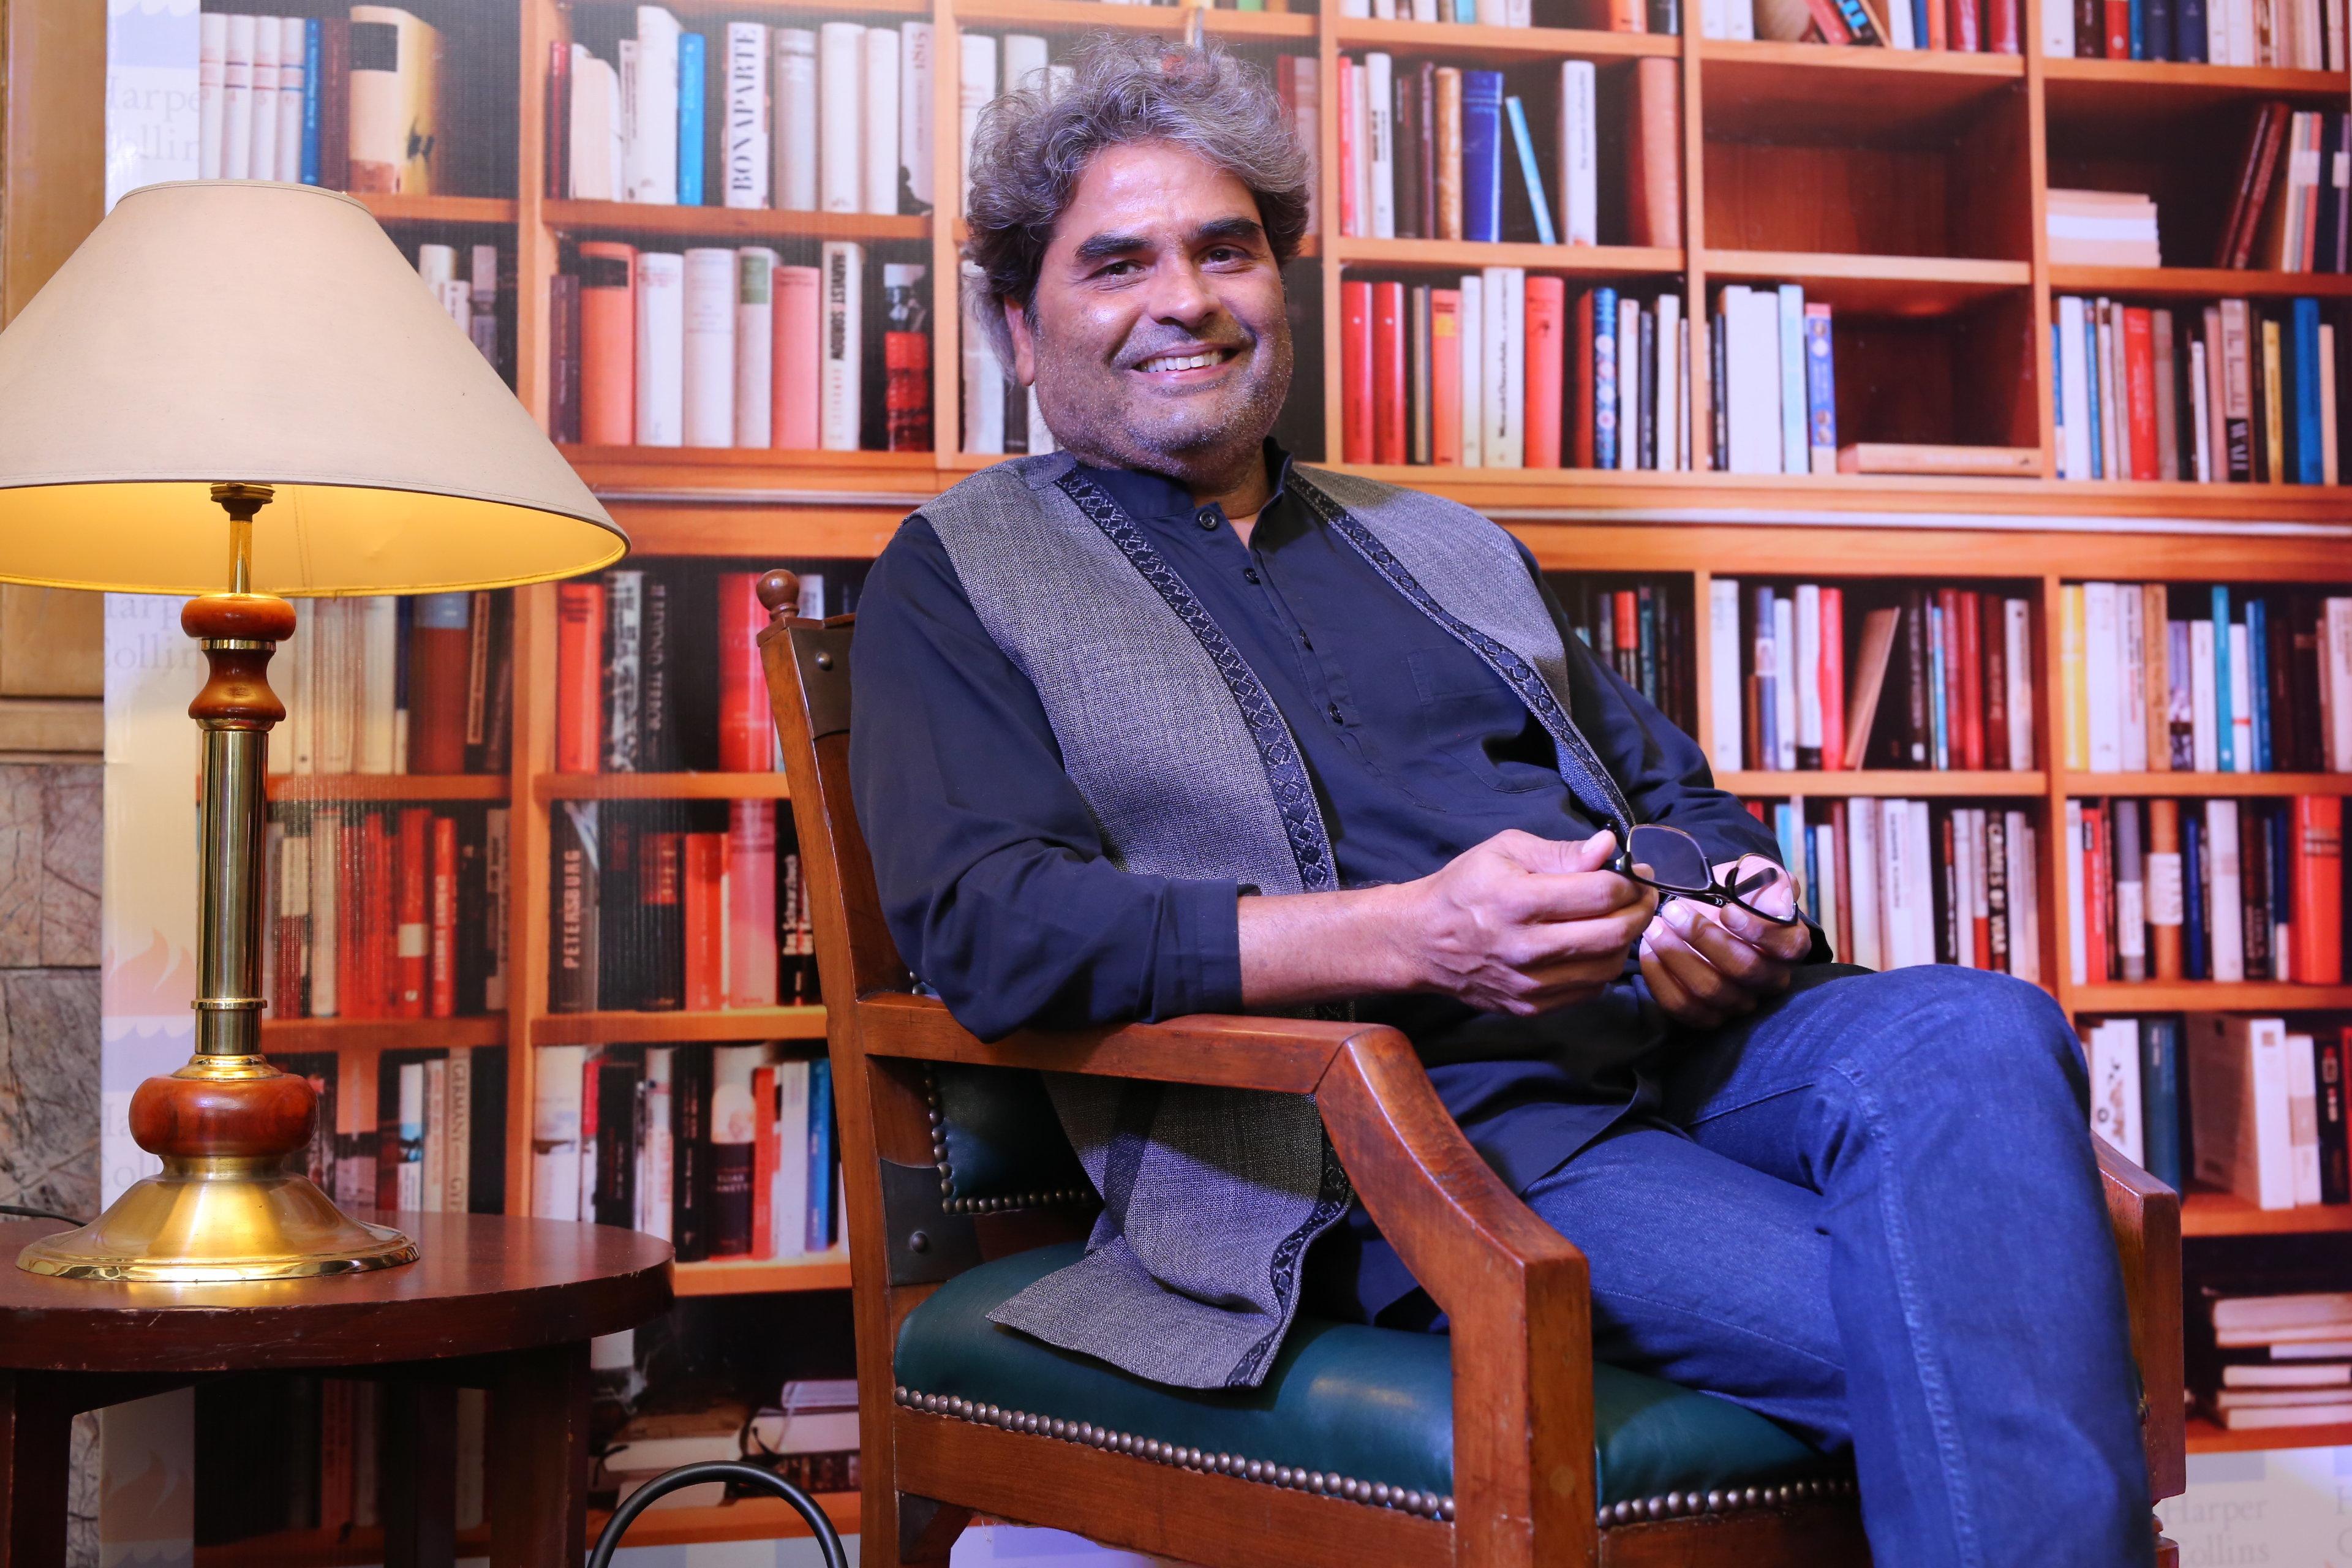 Vishal Bhardwaj in a file